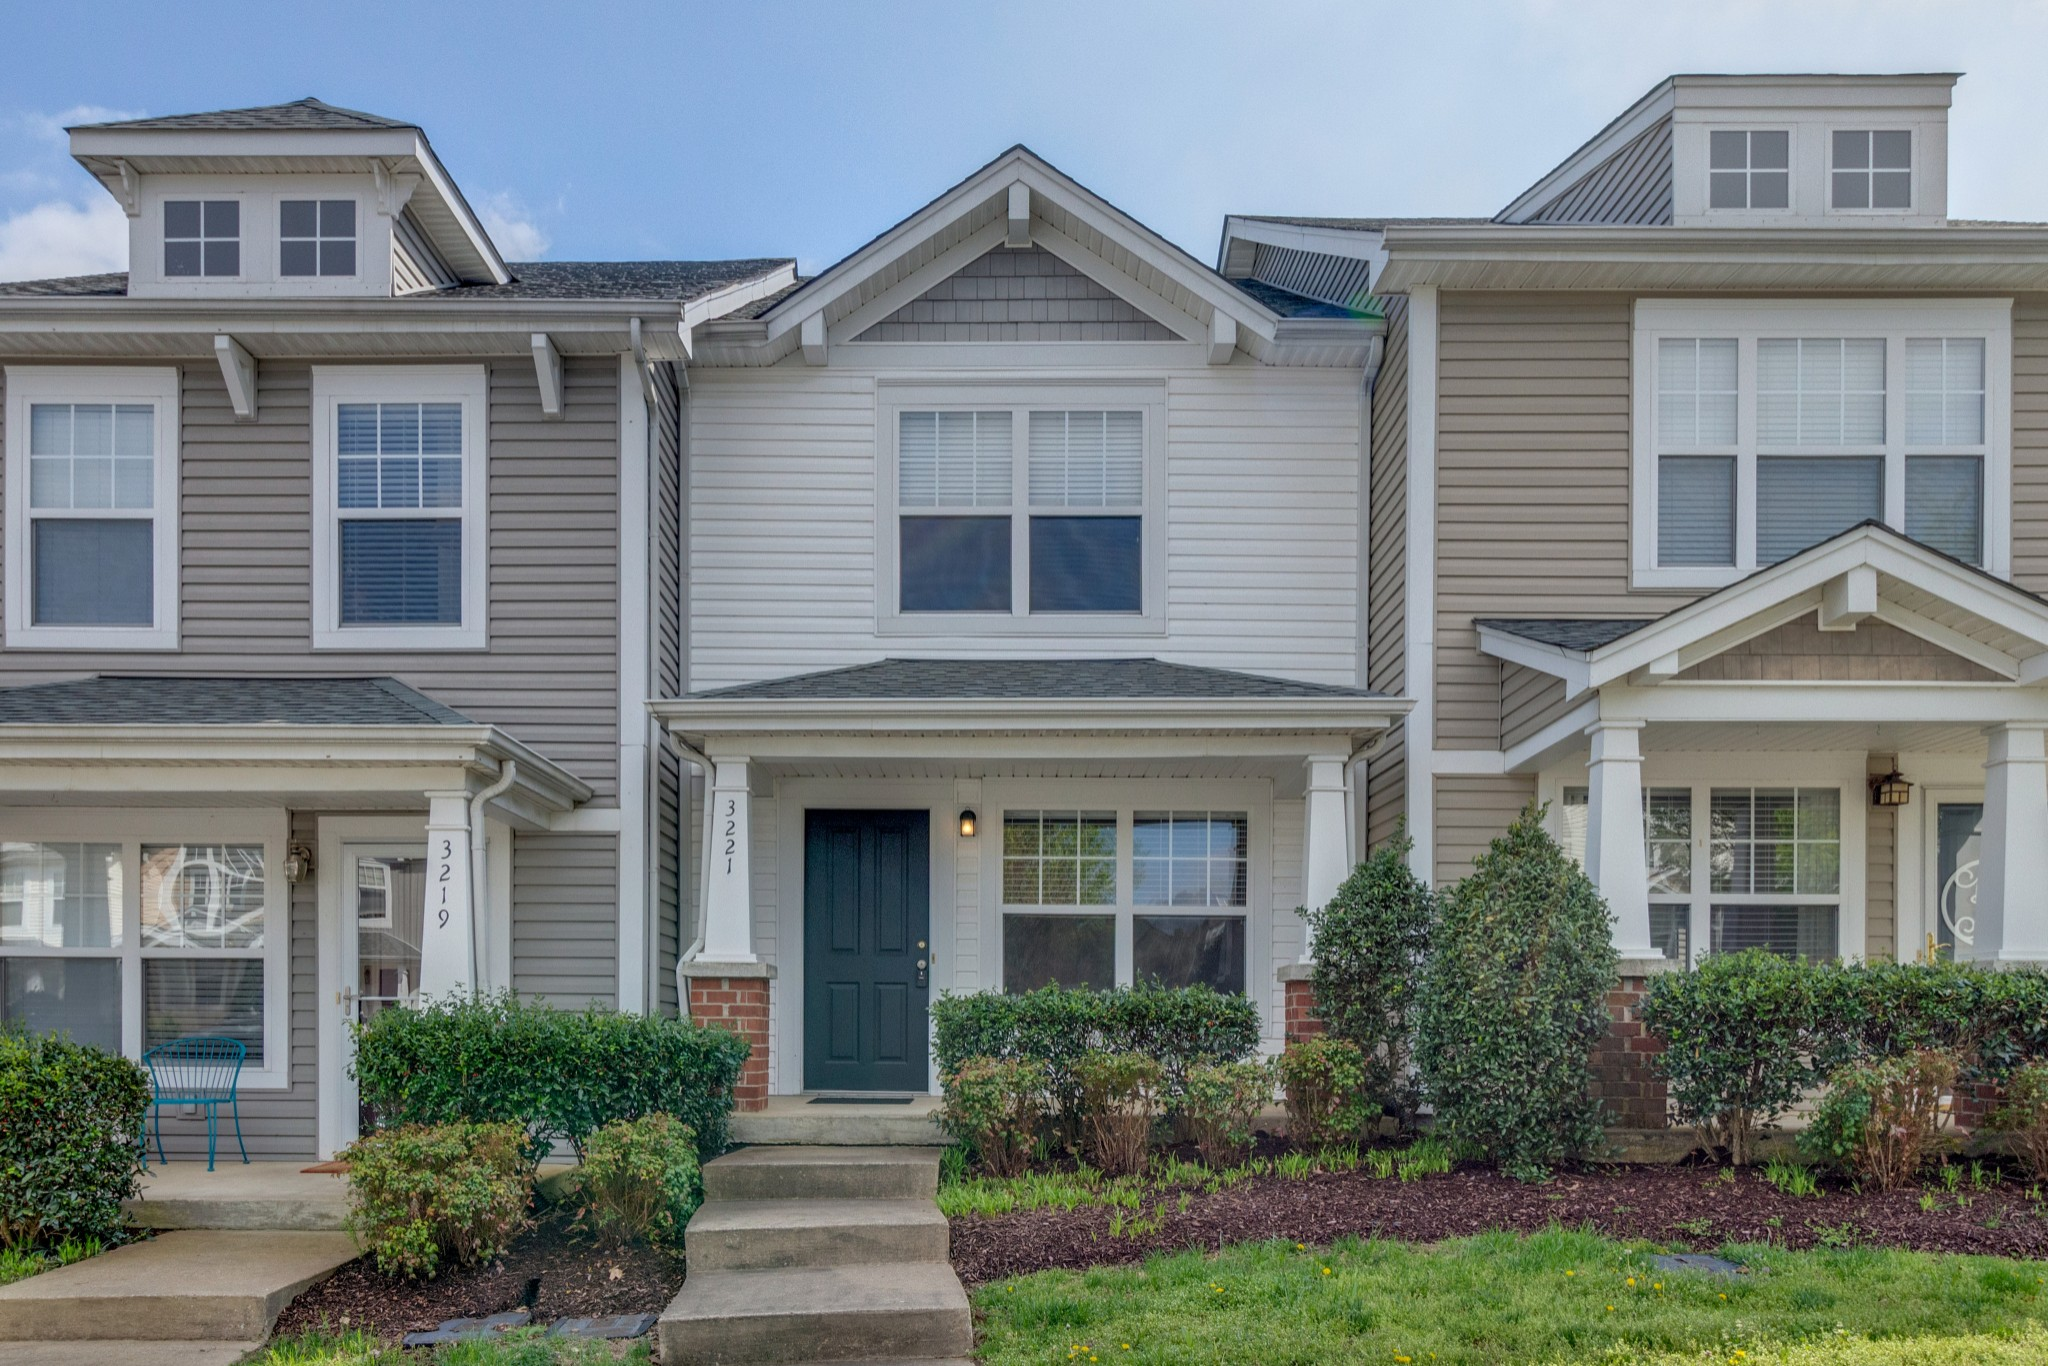 3221 Harpeth Springs Dr, Nashville, TN 37221 - Nashville, TN real estate listing